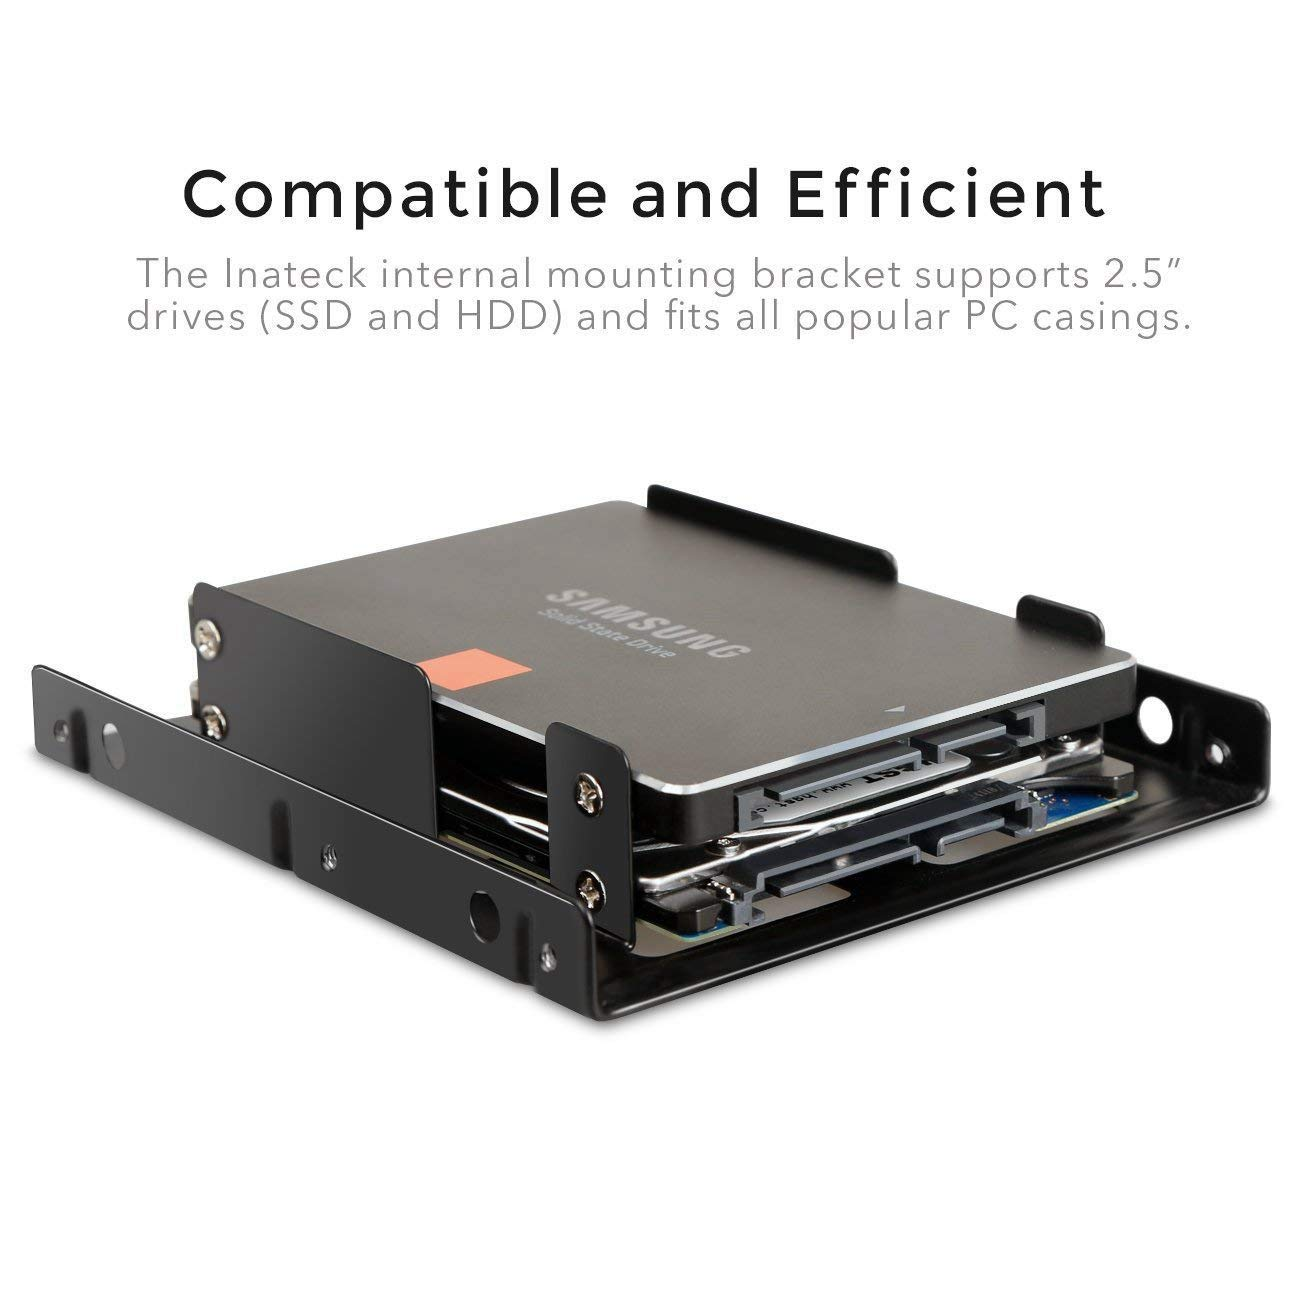 Cables de Datos Sata y Cables de Potencia Incluidos WOVELOT 2X 2.5 Pulgadas Ssd a 3.5 Pulgadas Soporte Kit de Montaje de Unidad de Disco Duro Interno